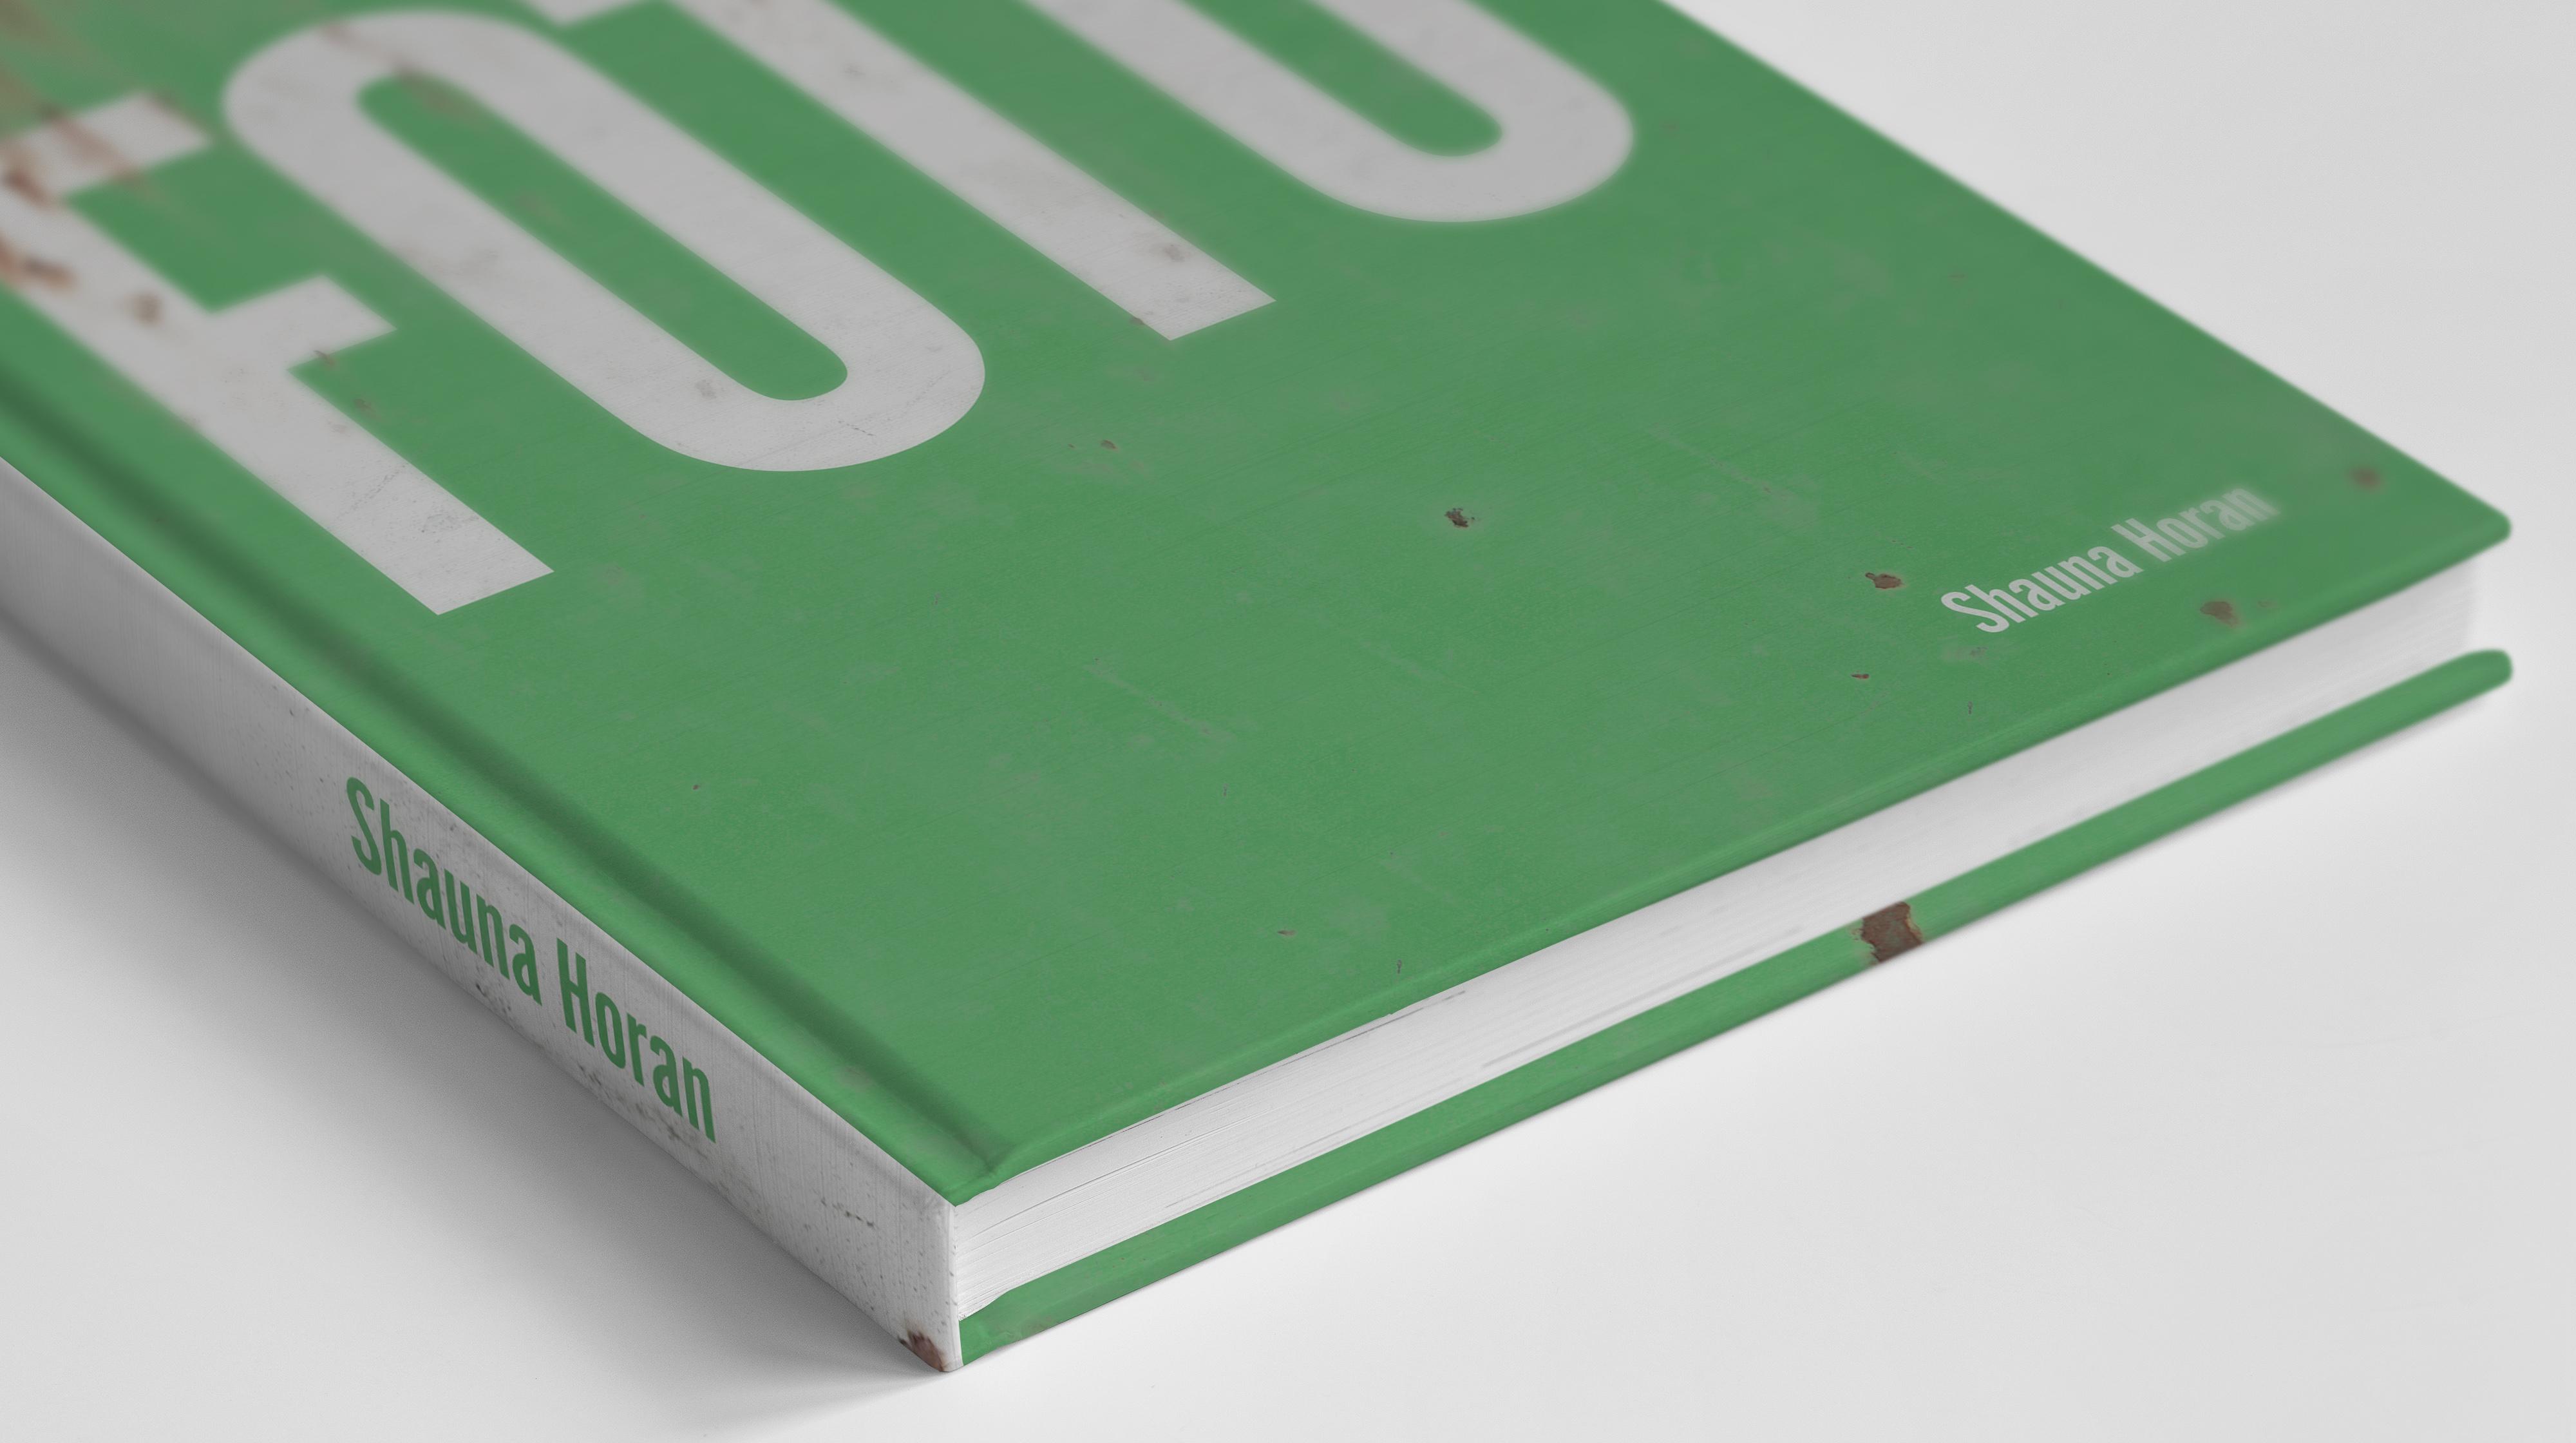 FOTU book cover